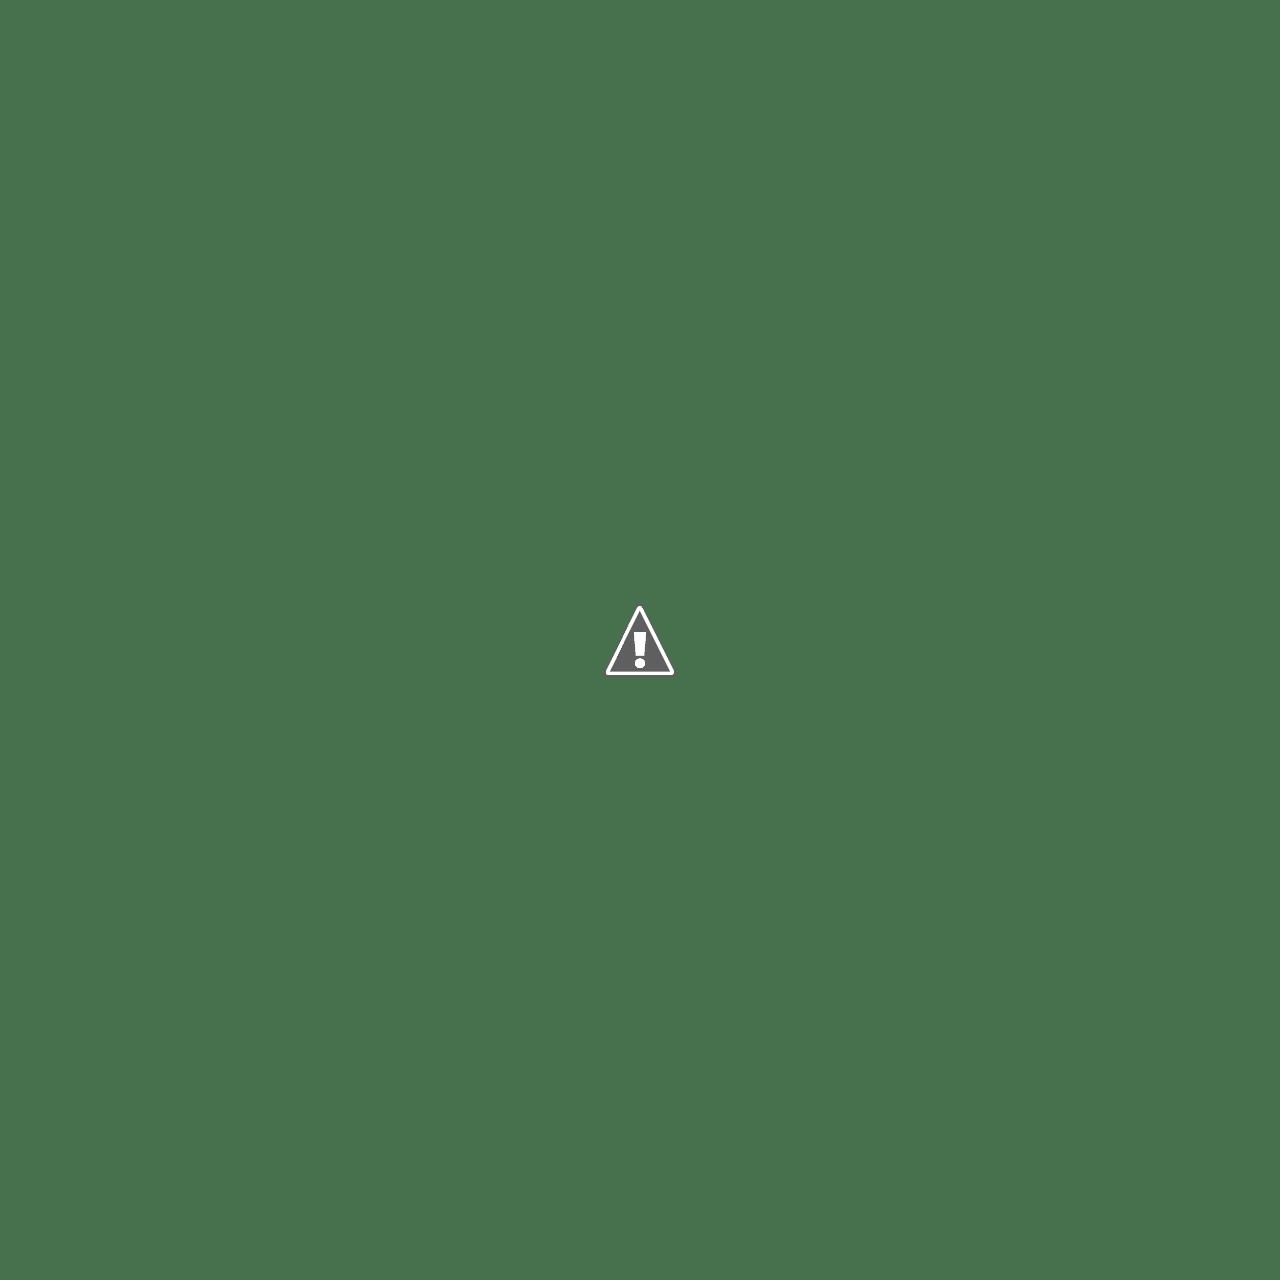 Muebles Nogales Sonora - Muebles Montana De Nogales Carpinteria Carpintero En Nogales[mjhdah]https://lookaside.fbsbx.com/lookaside/crawler/media/?media_id=1222339664533353